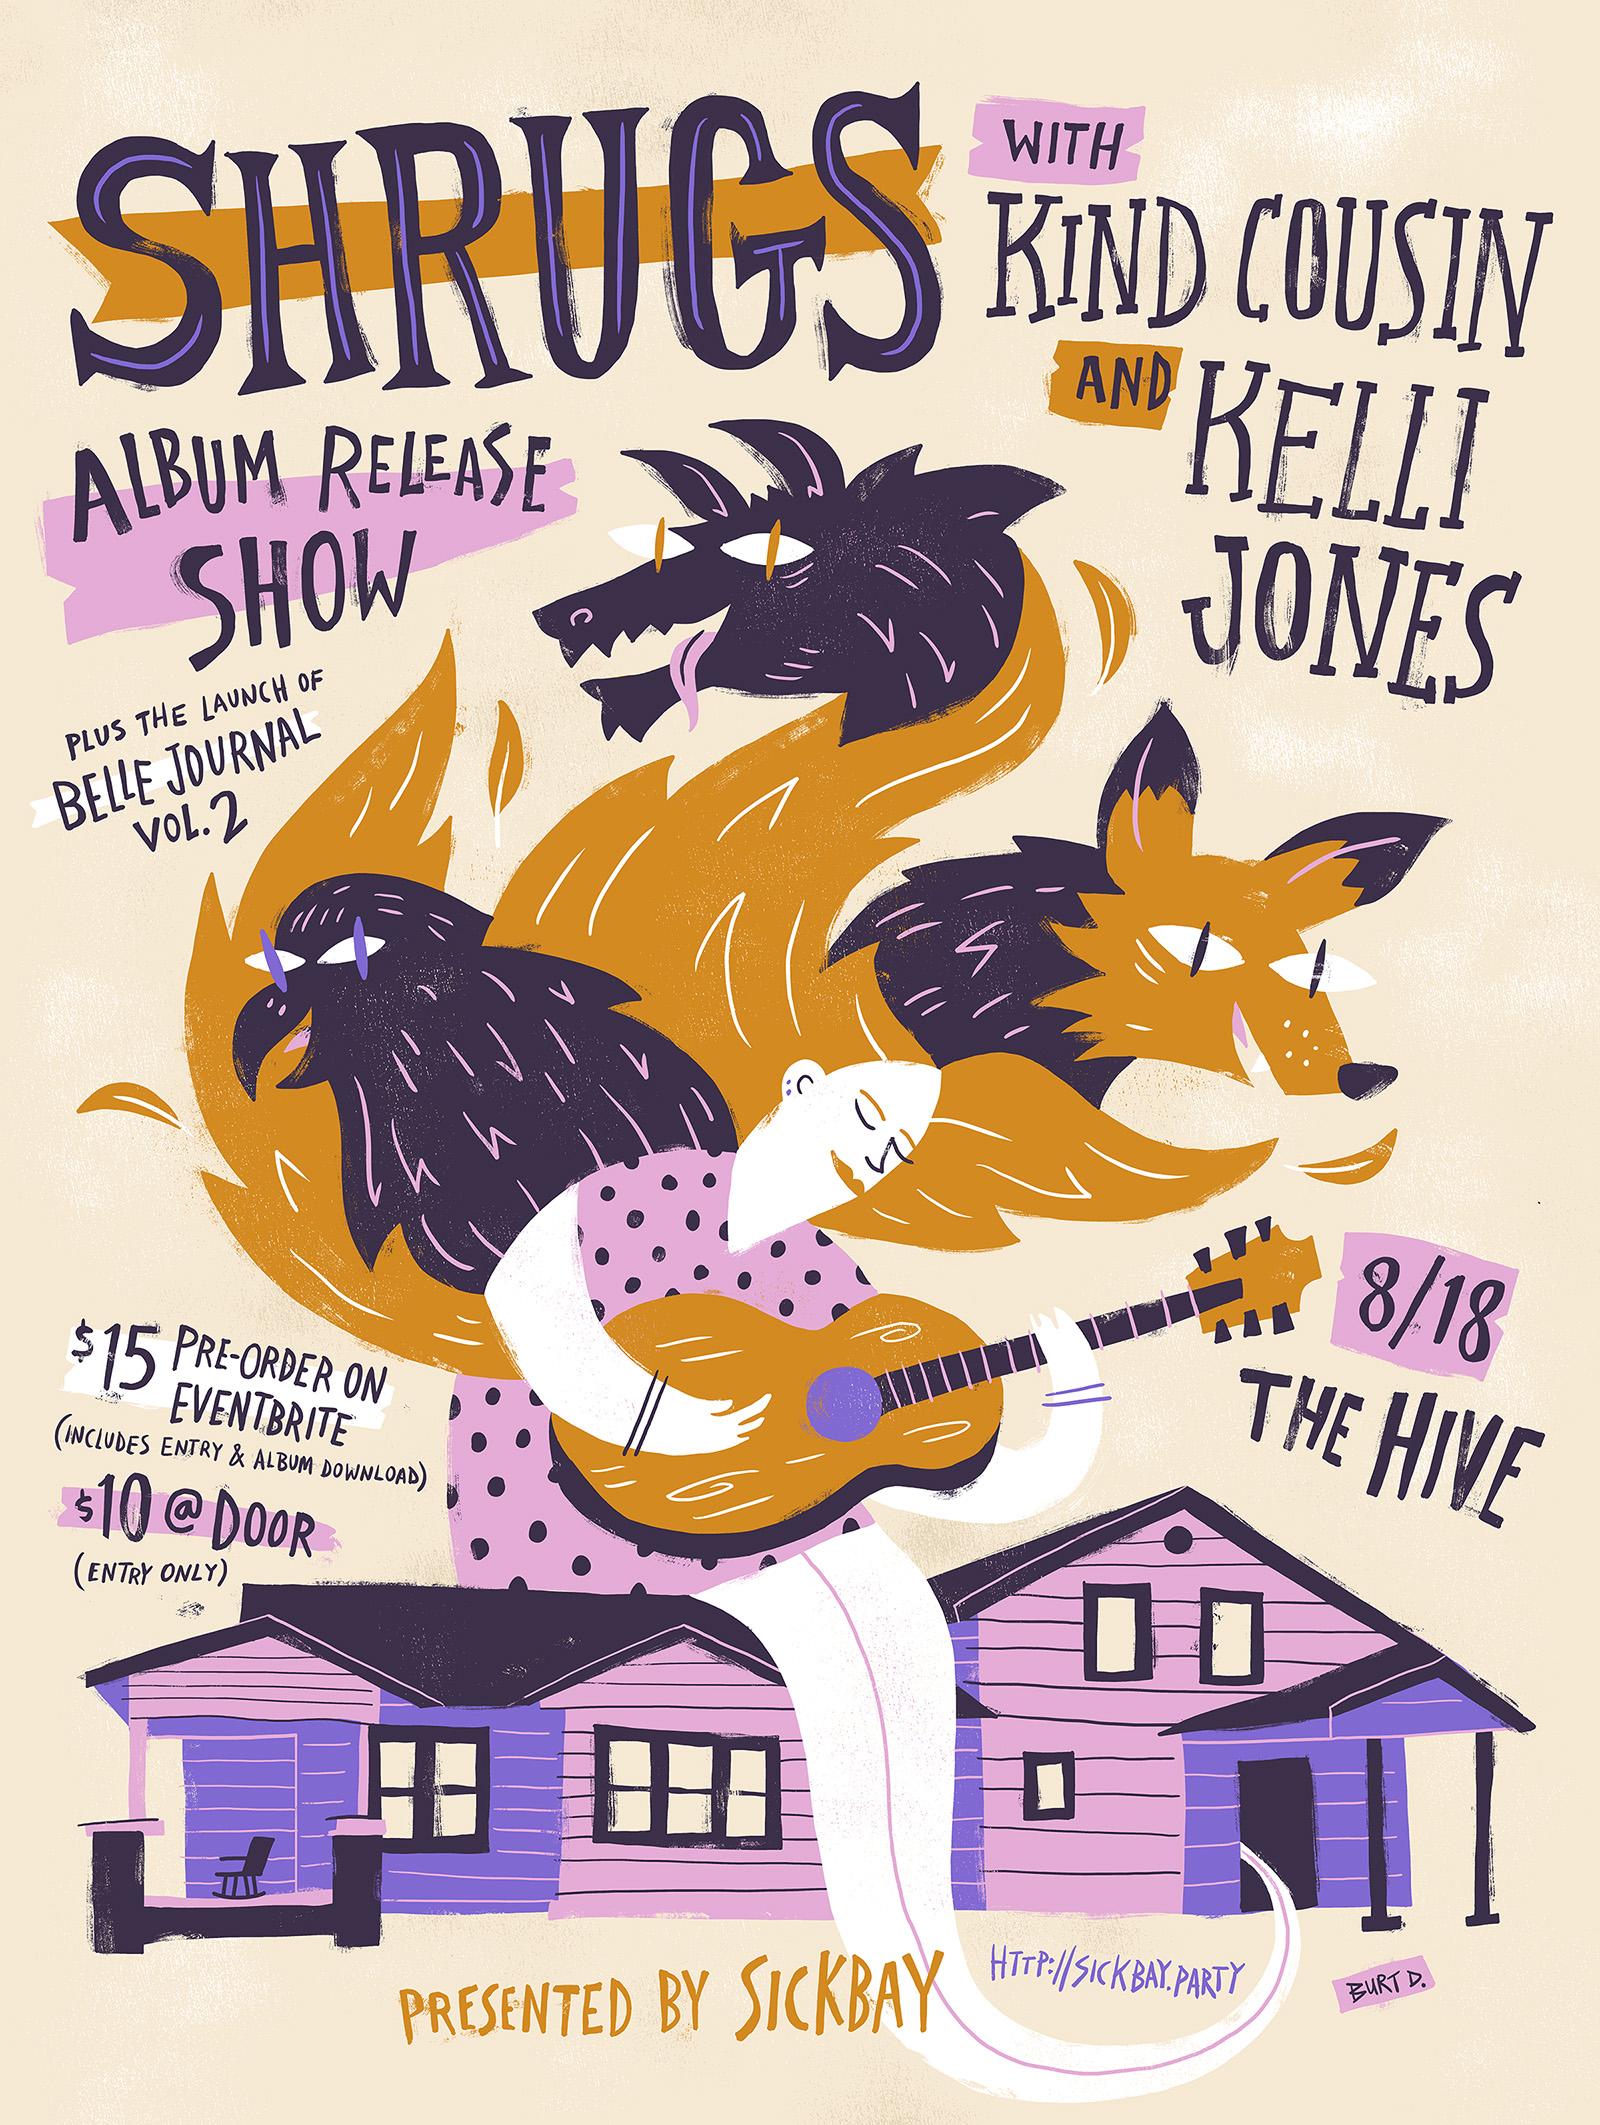 Shrugs Album Release Poster